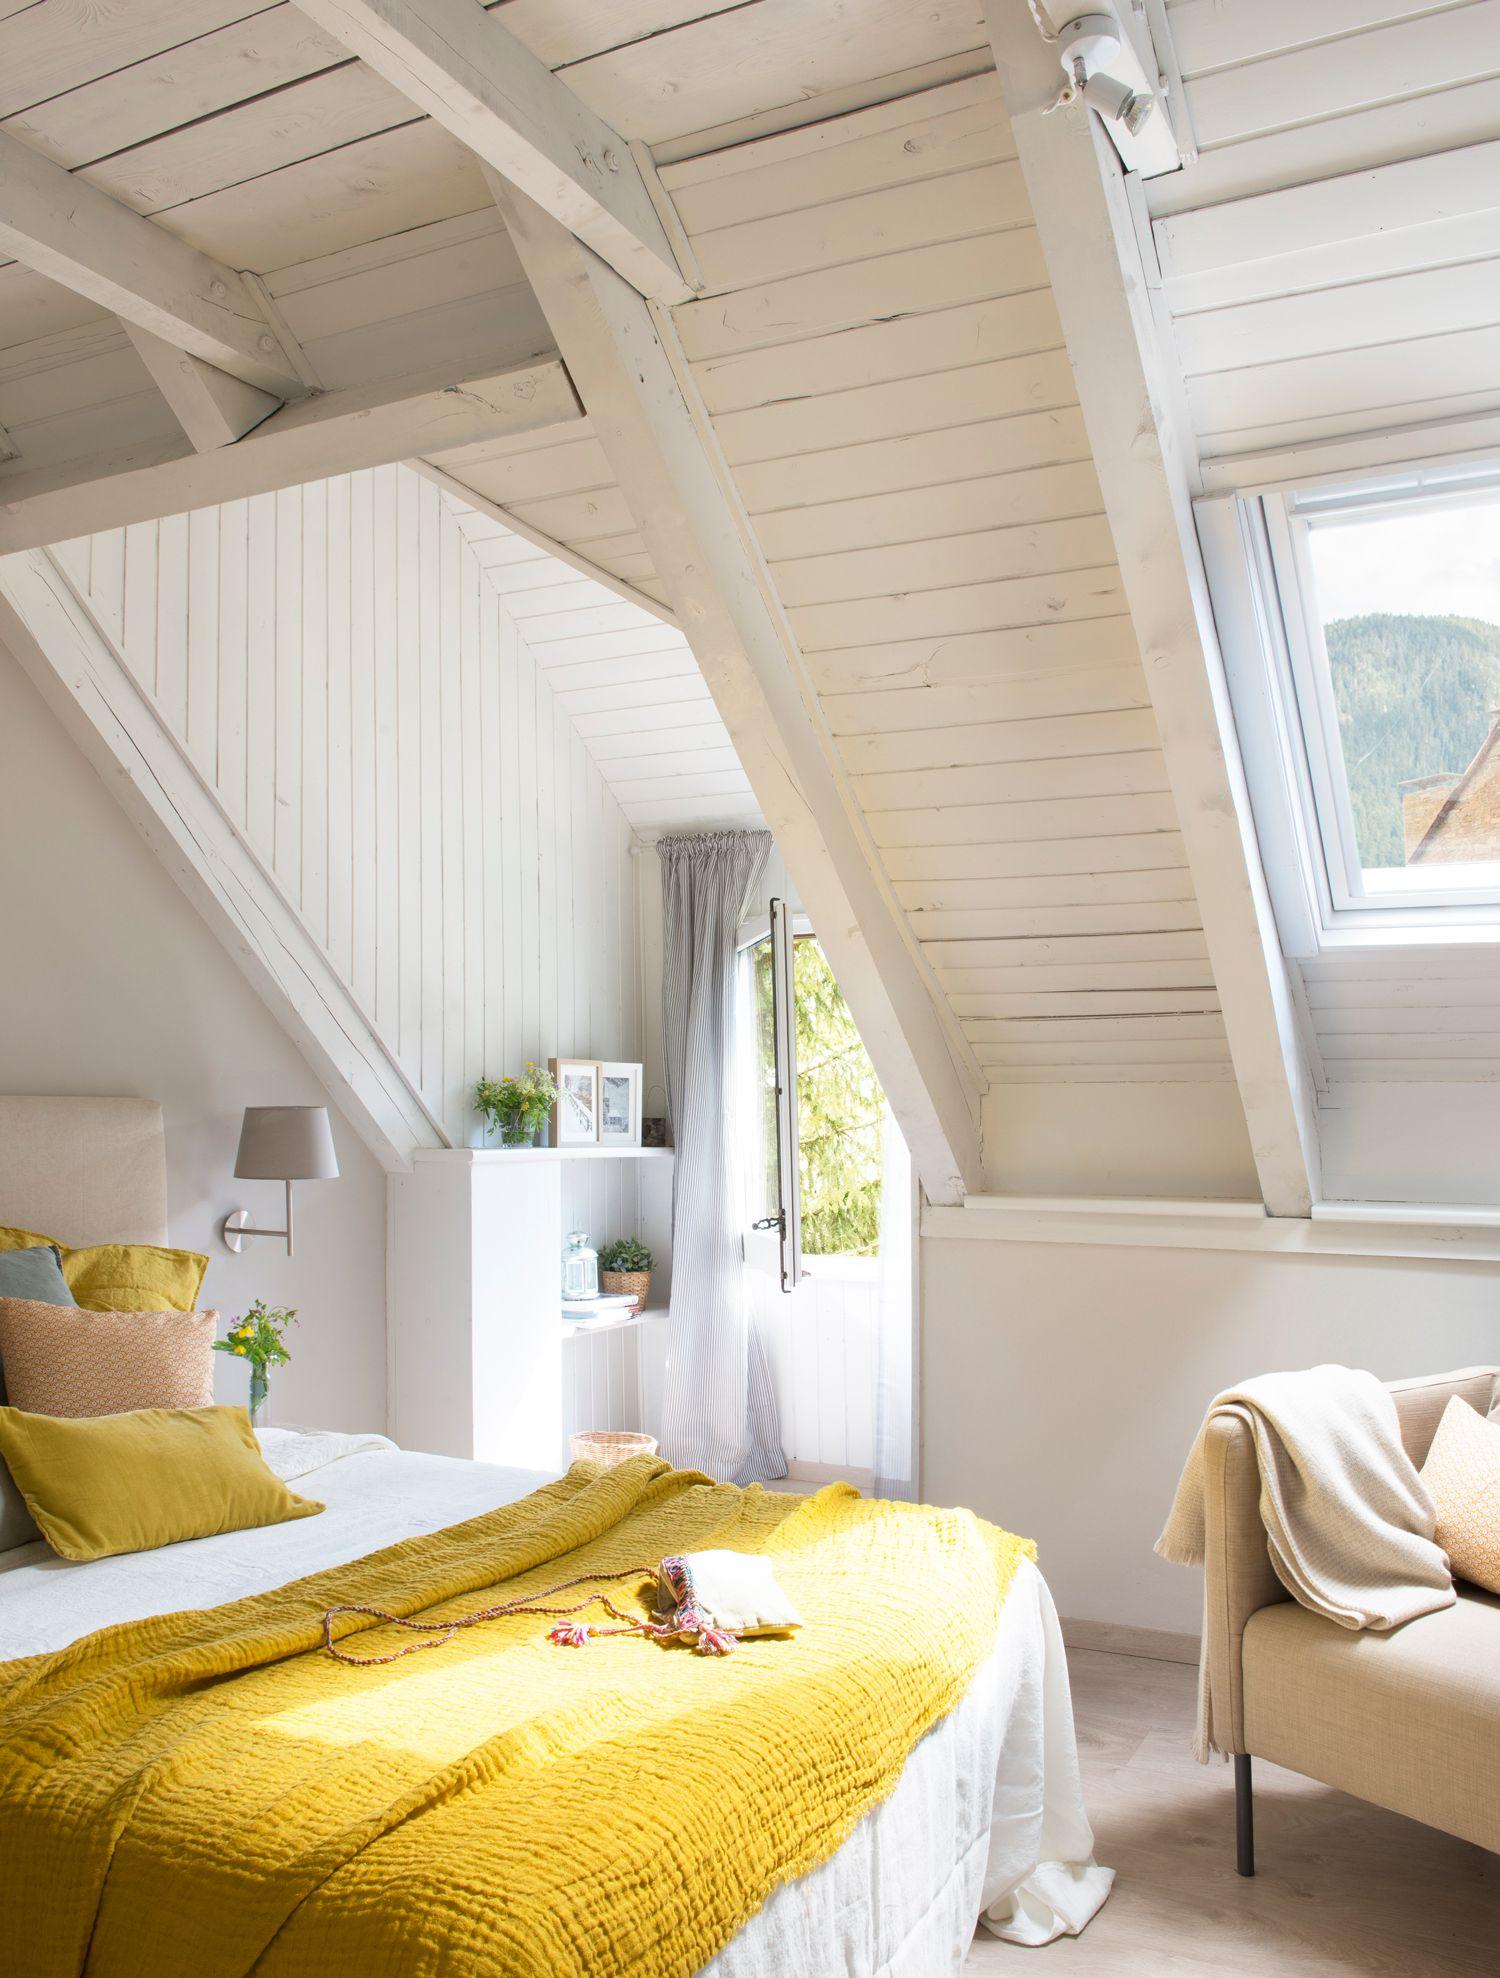 00436062 | Pinterest | Dormitorio, Bienvenido y Ropa de cama